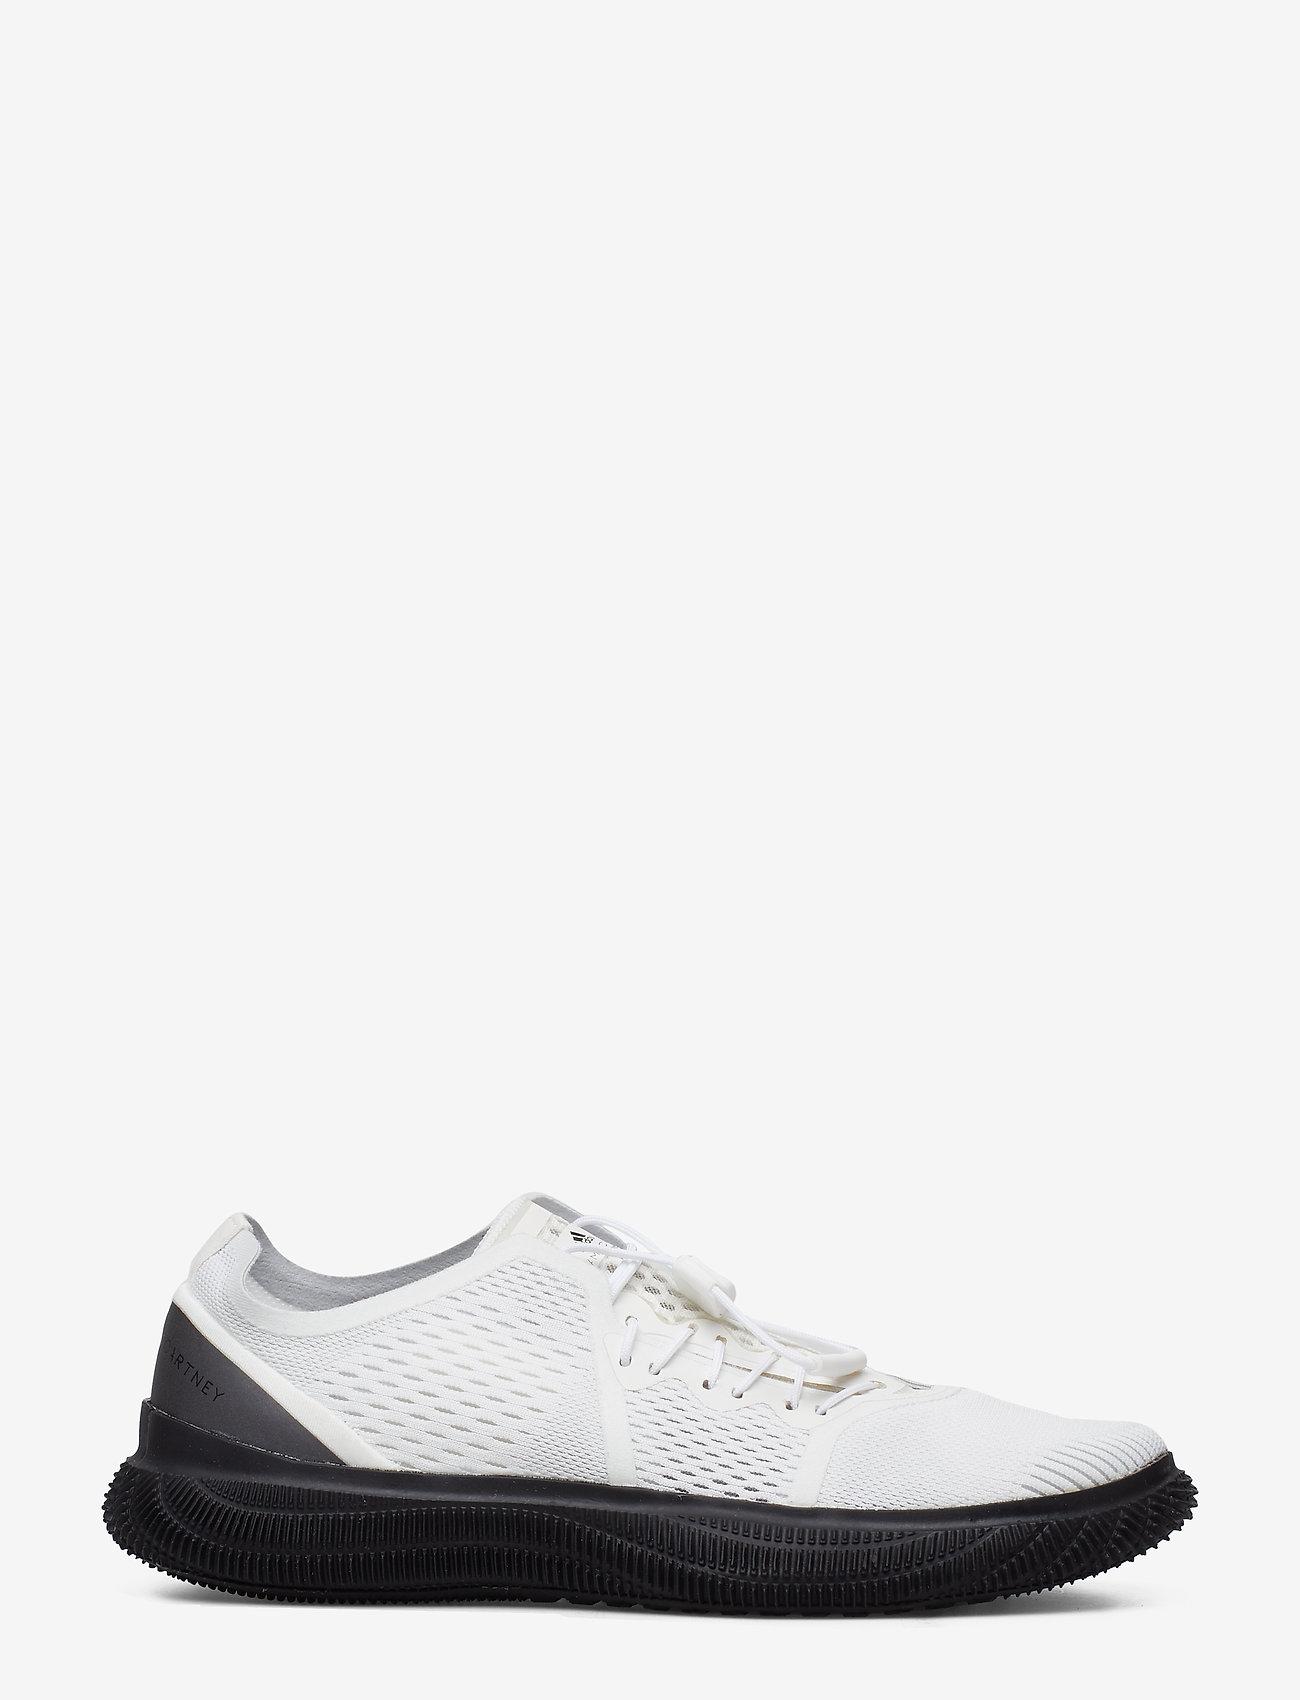 Adidas By Stella Mccartney Pureboost Trainer S. - Chaussures Sport